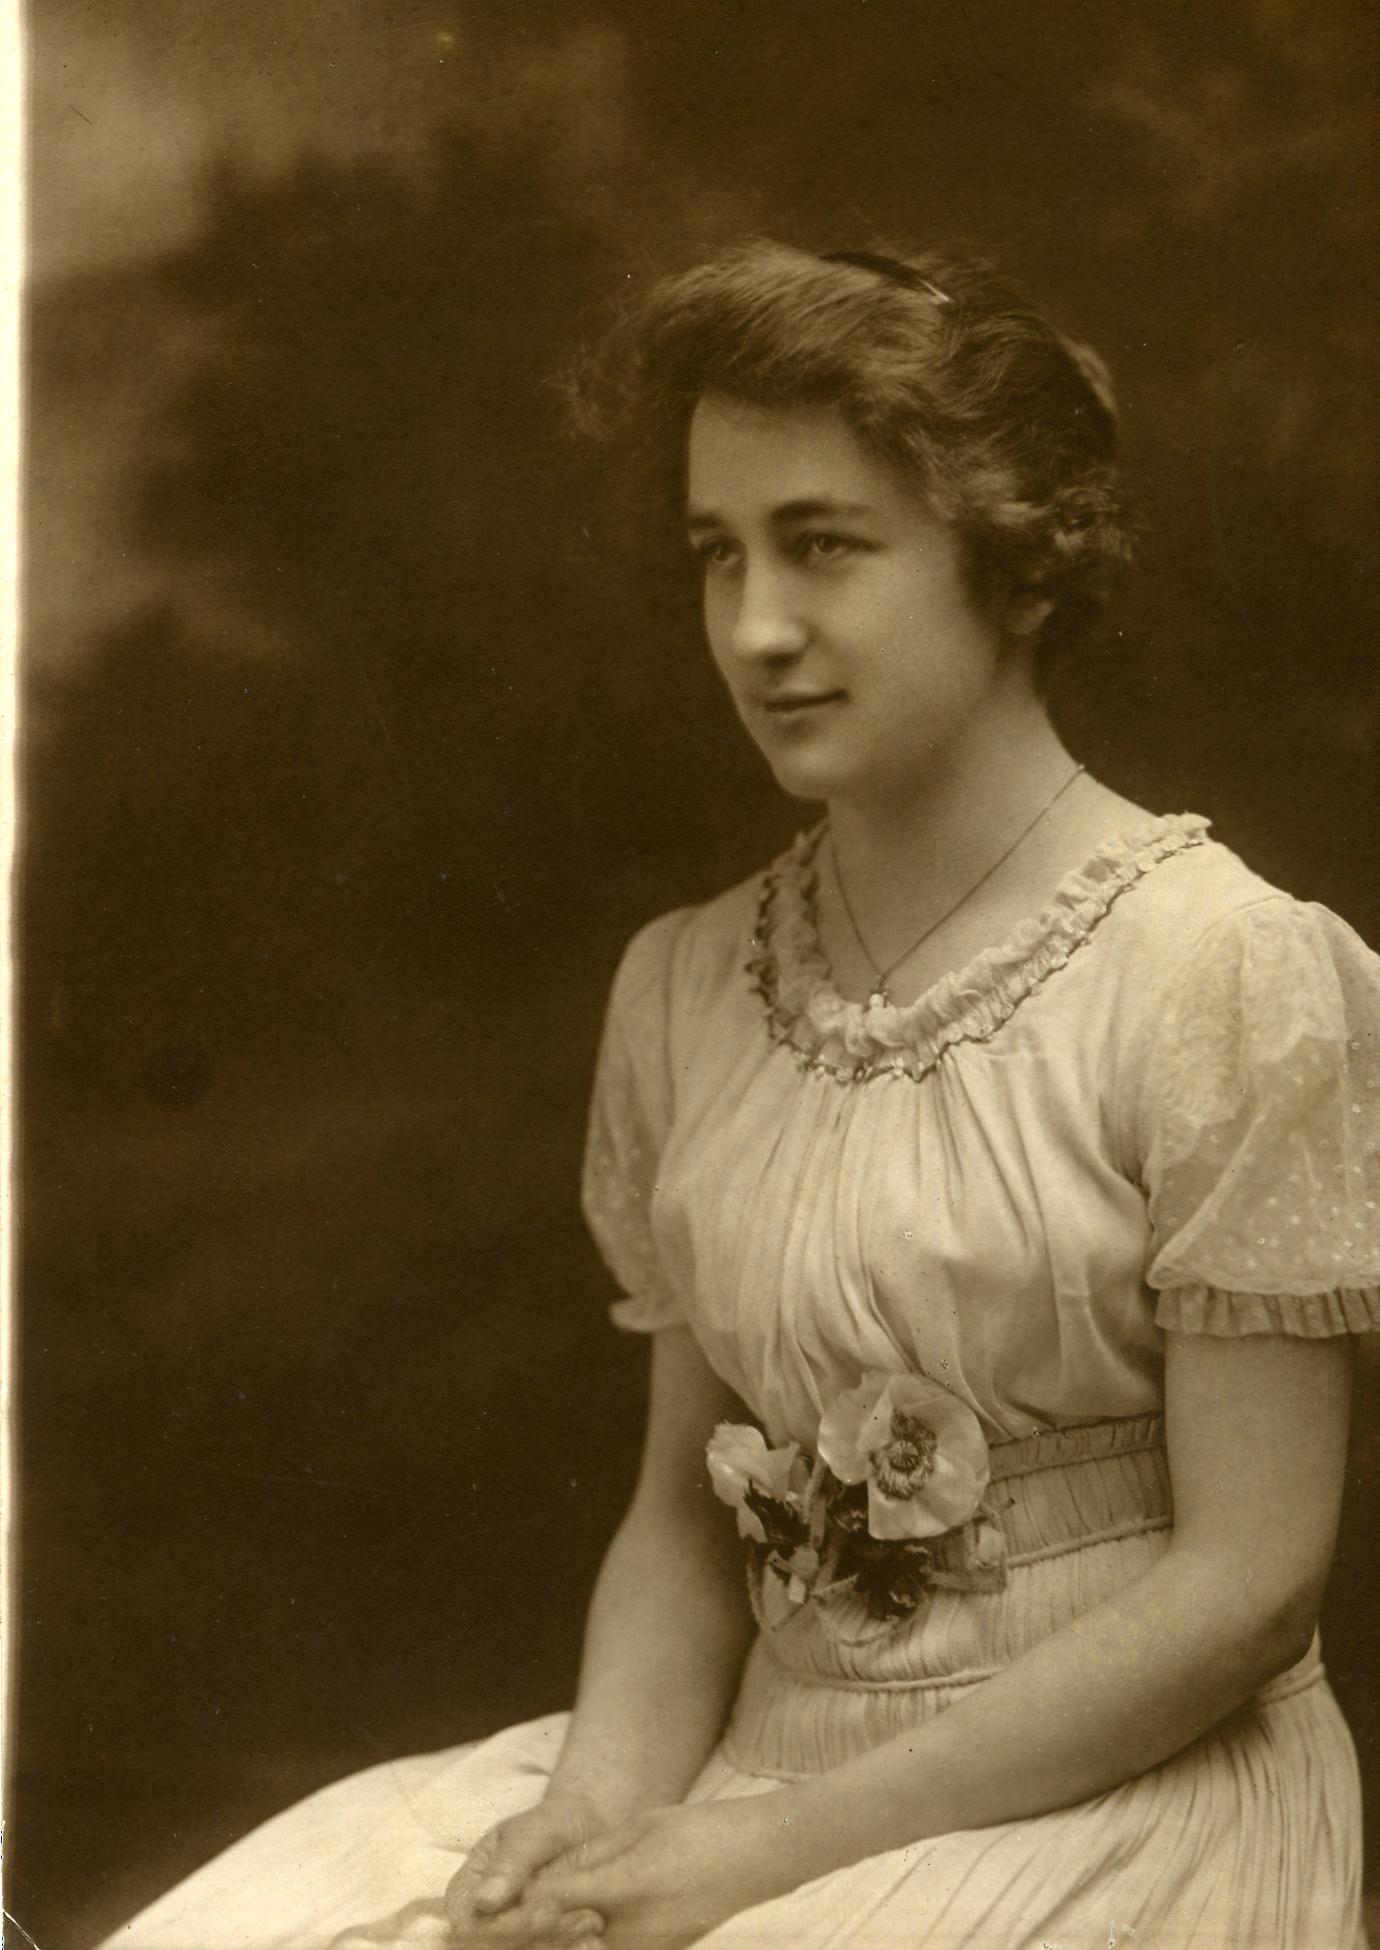 Alma Ratz Hanley (1894-1900)